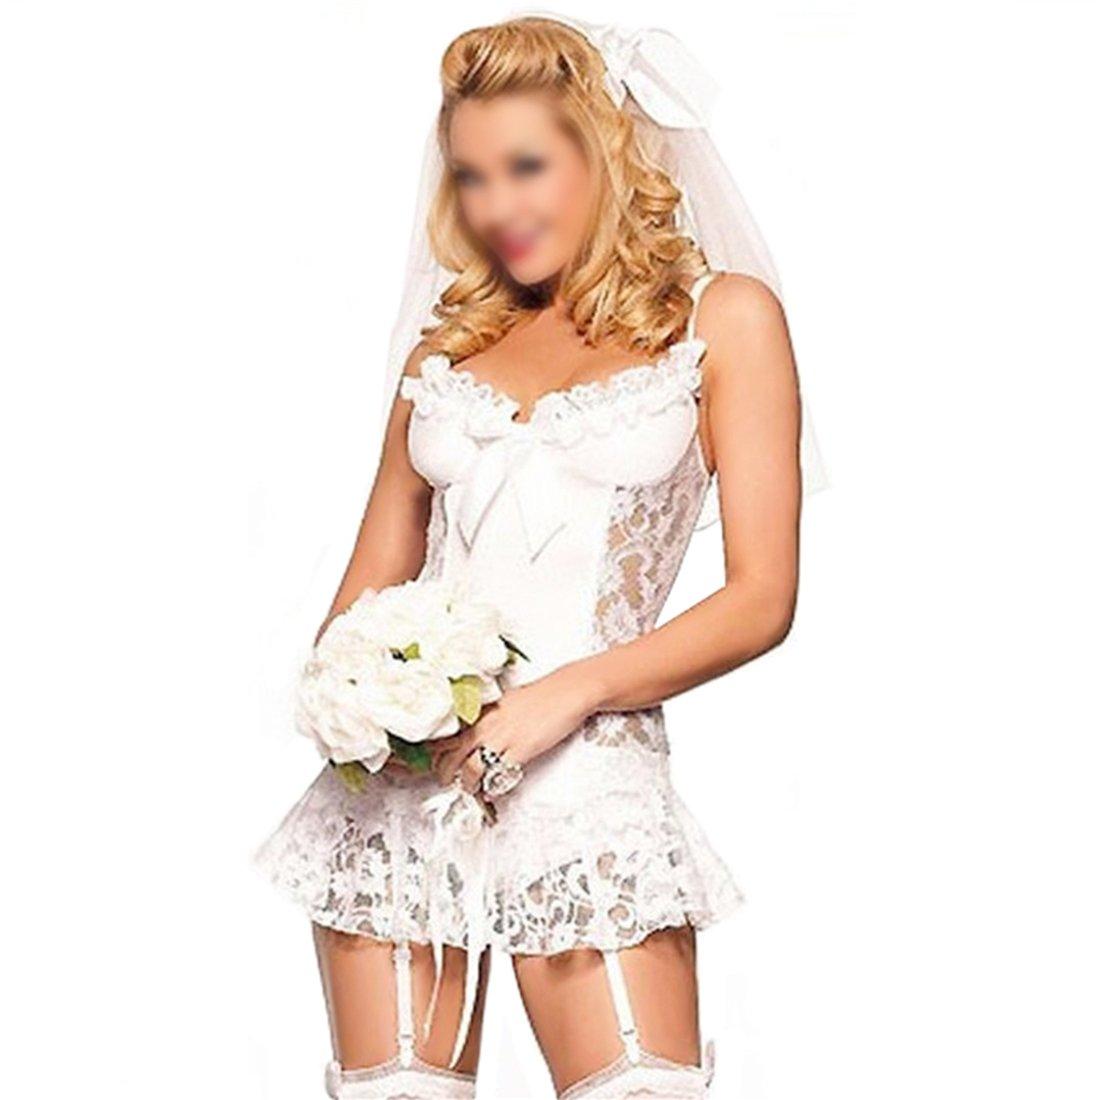 GWELL Damen Braut Kostüm Reizvolles Cosplay Reizwäsche 4-teilige Lingerie Dessous Set Babydoll mit Kopfschmuck Unterhose Stumpfhalter Weiß S